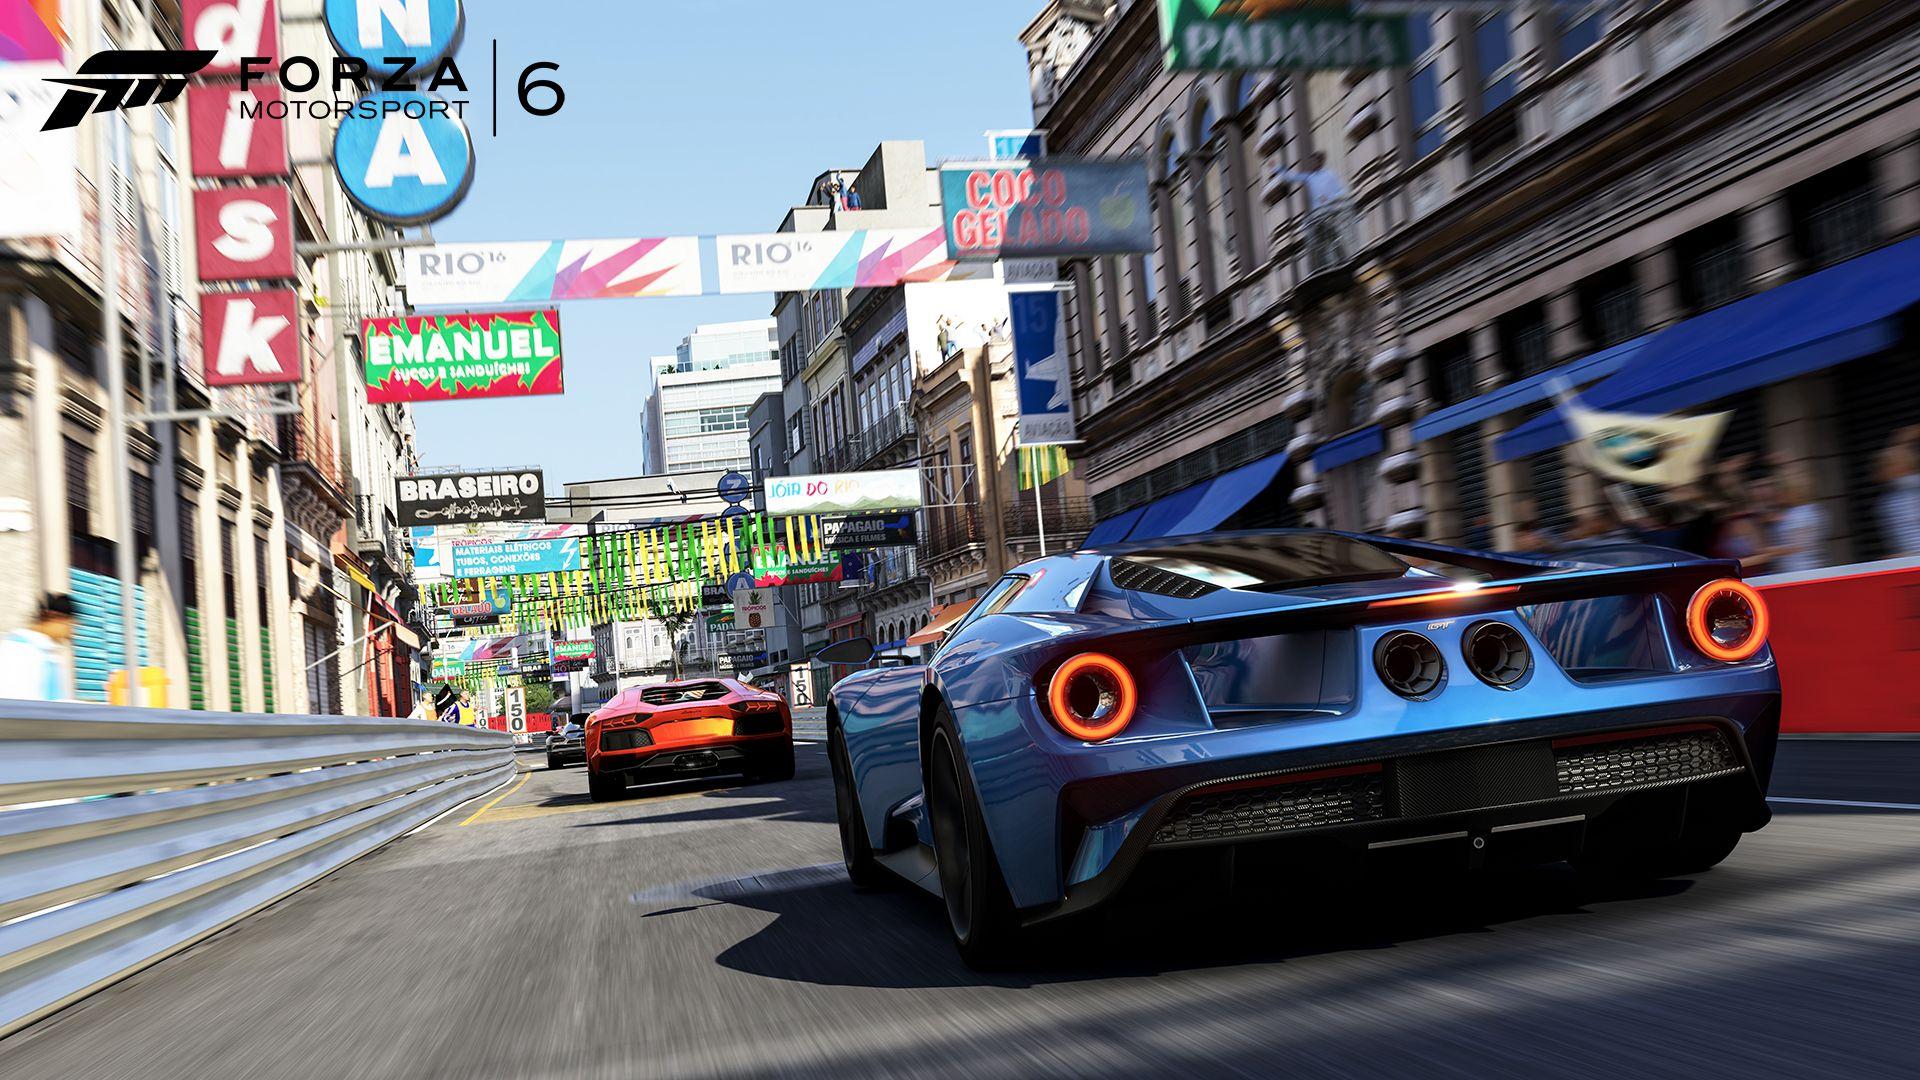 Detaily o tratích a autech ve Forza Motorsport 6 110366